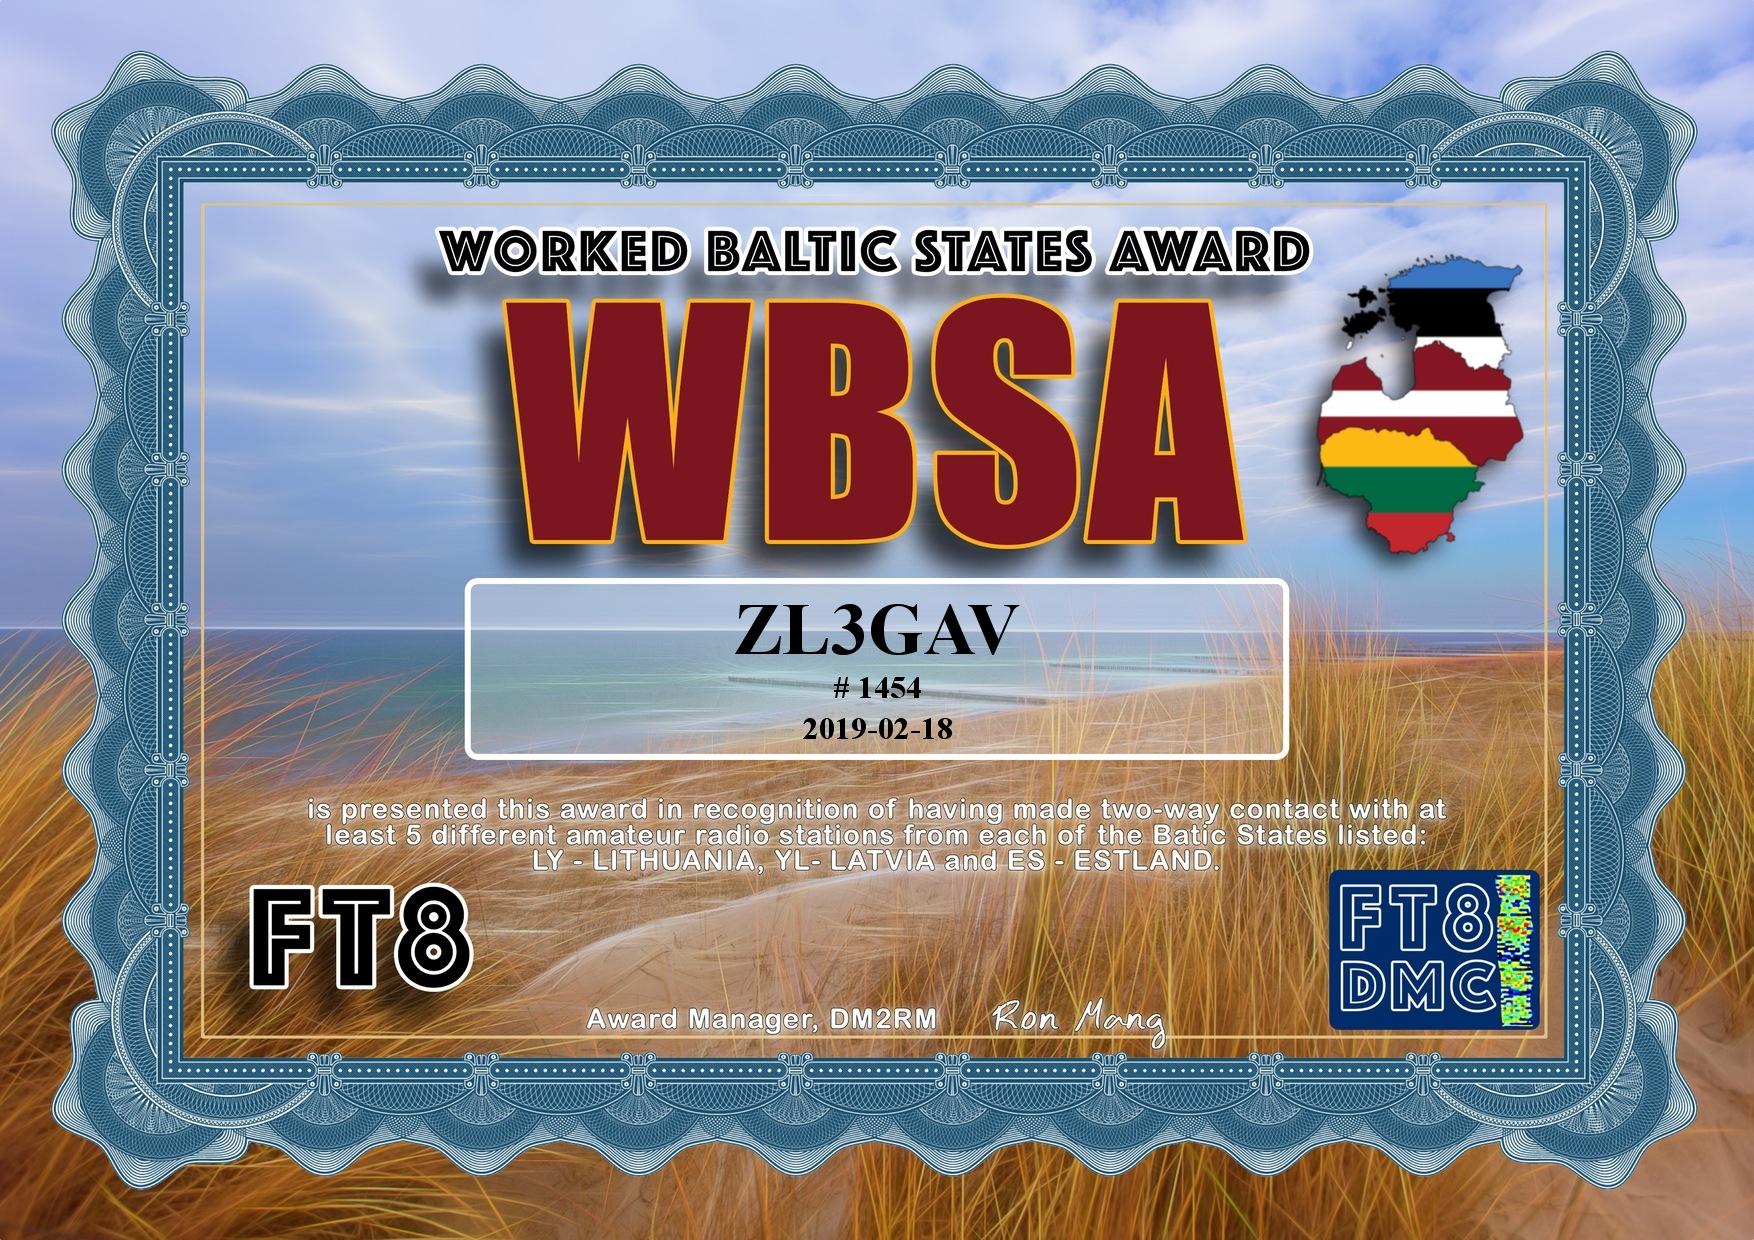 ZL3GAV-WBSA-WBSA.jpg